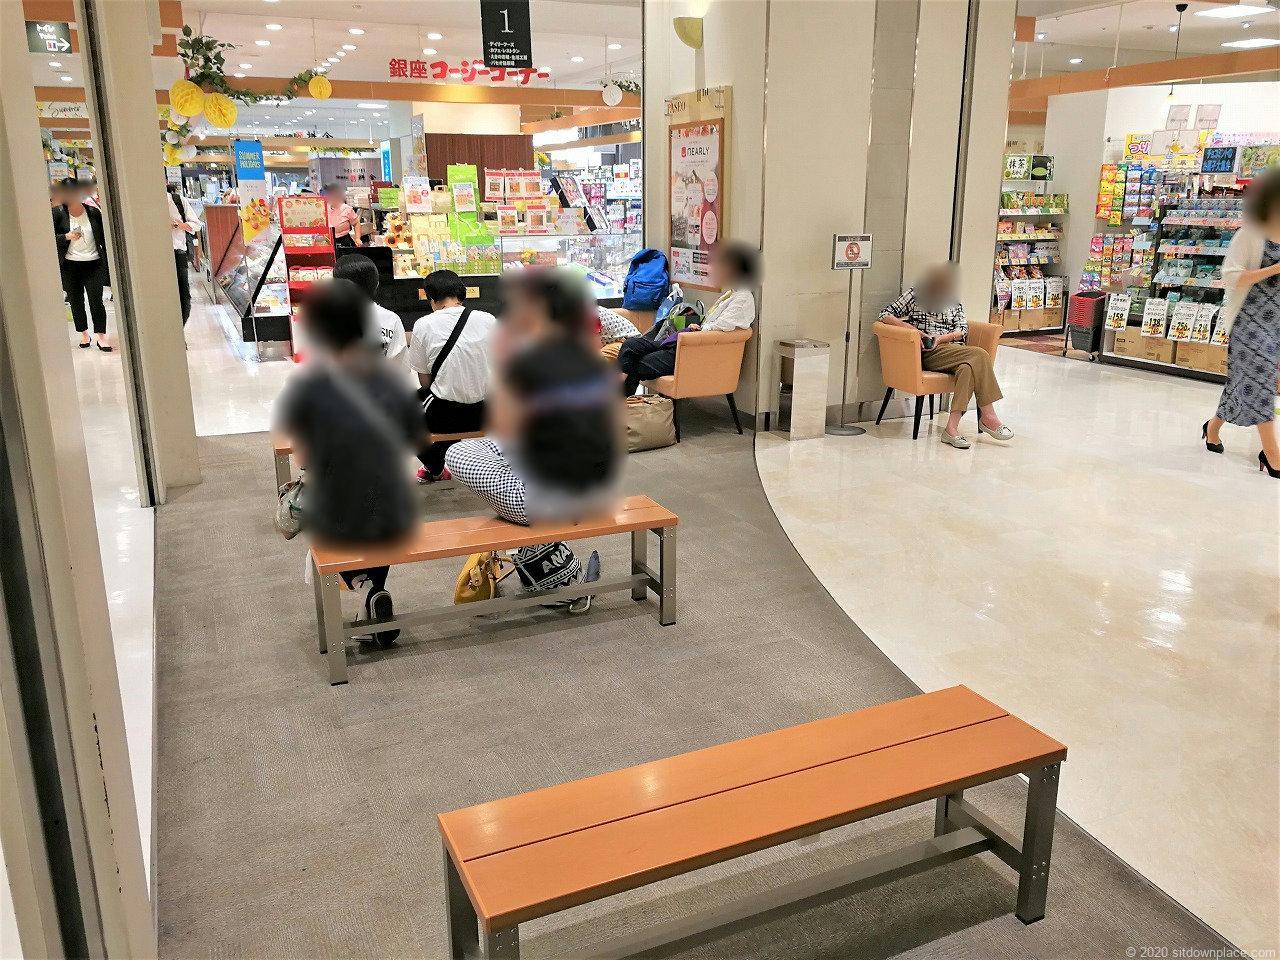 宇都宮駅パセオ1F エスカレーター付近の休憩場所2